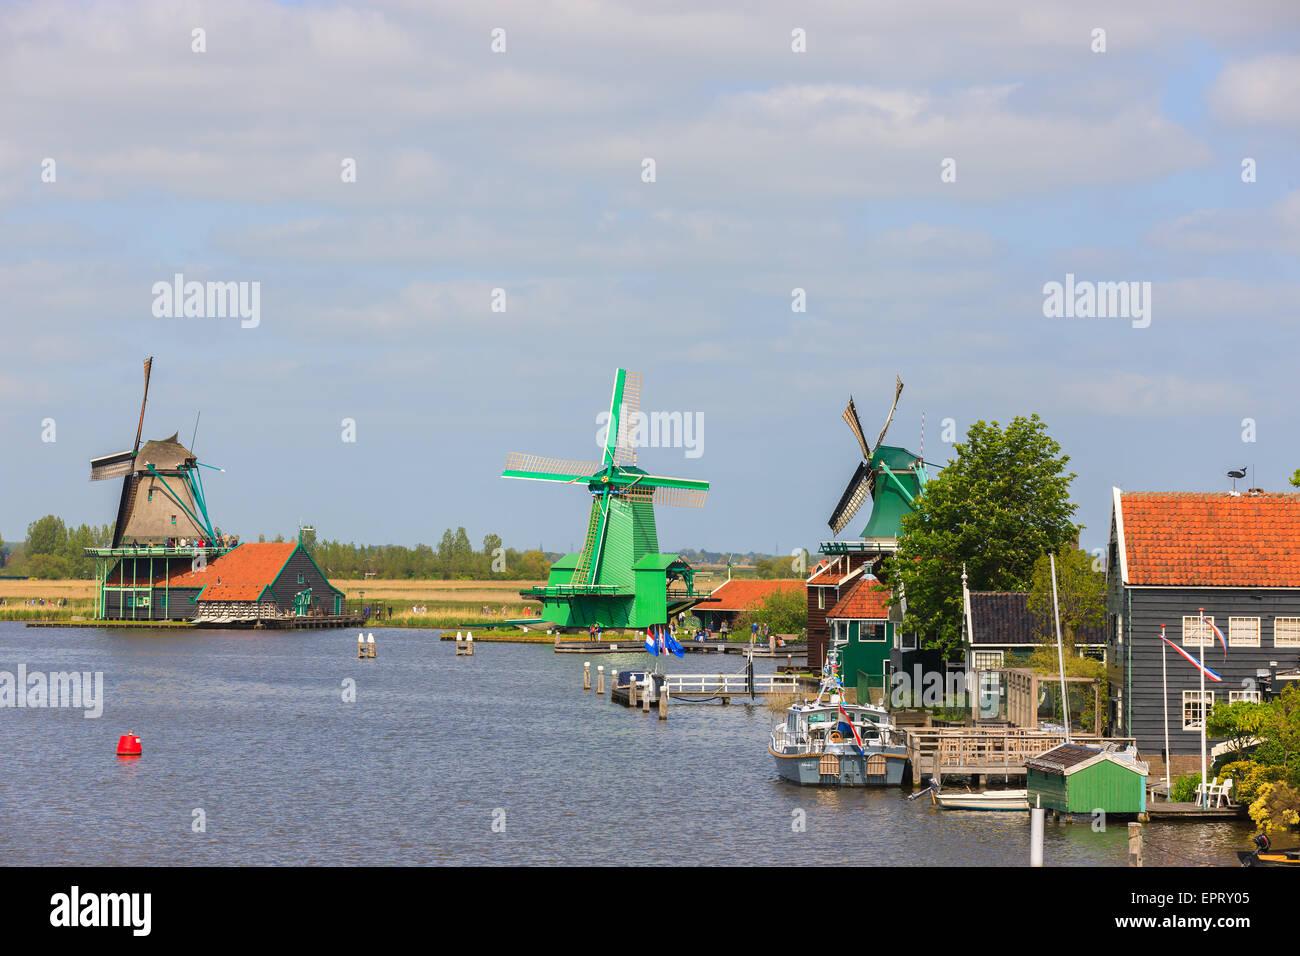 A Zaanse Schans, olandese mulini a vento lungo il fiume de Zaan a nord di Amsterdam, Paesi Bassi. Immagini Stock